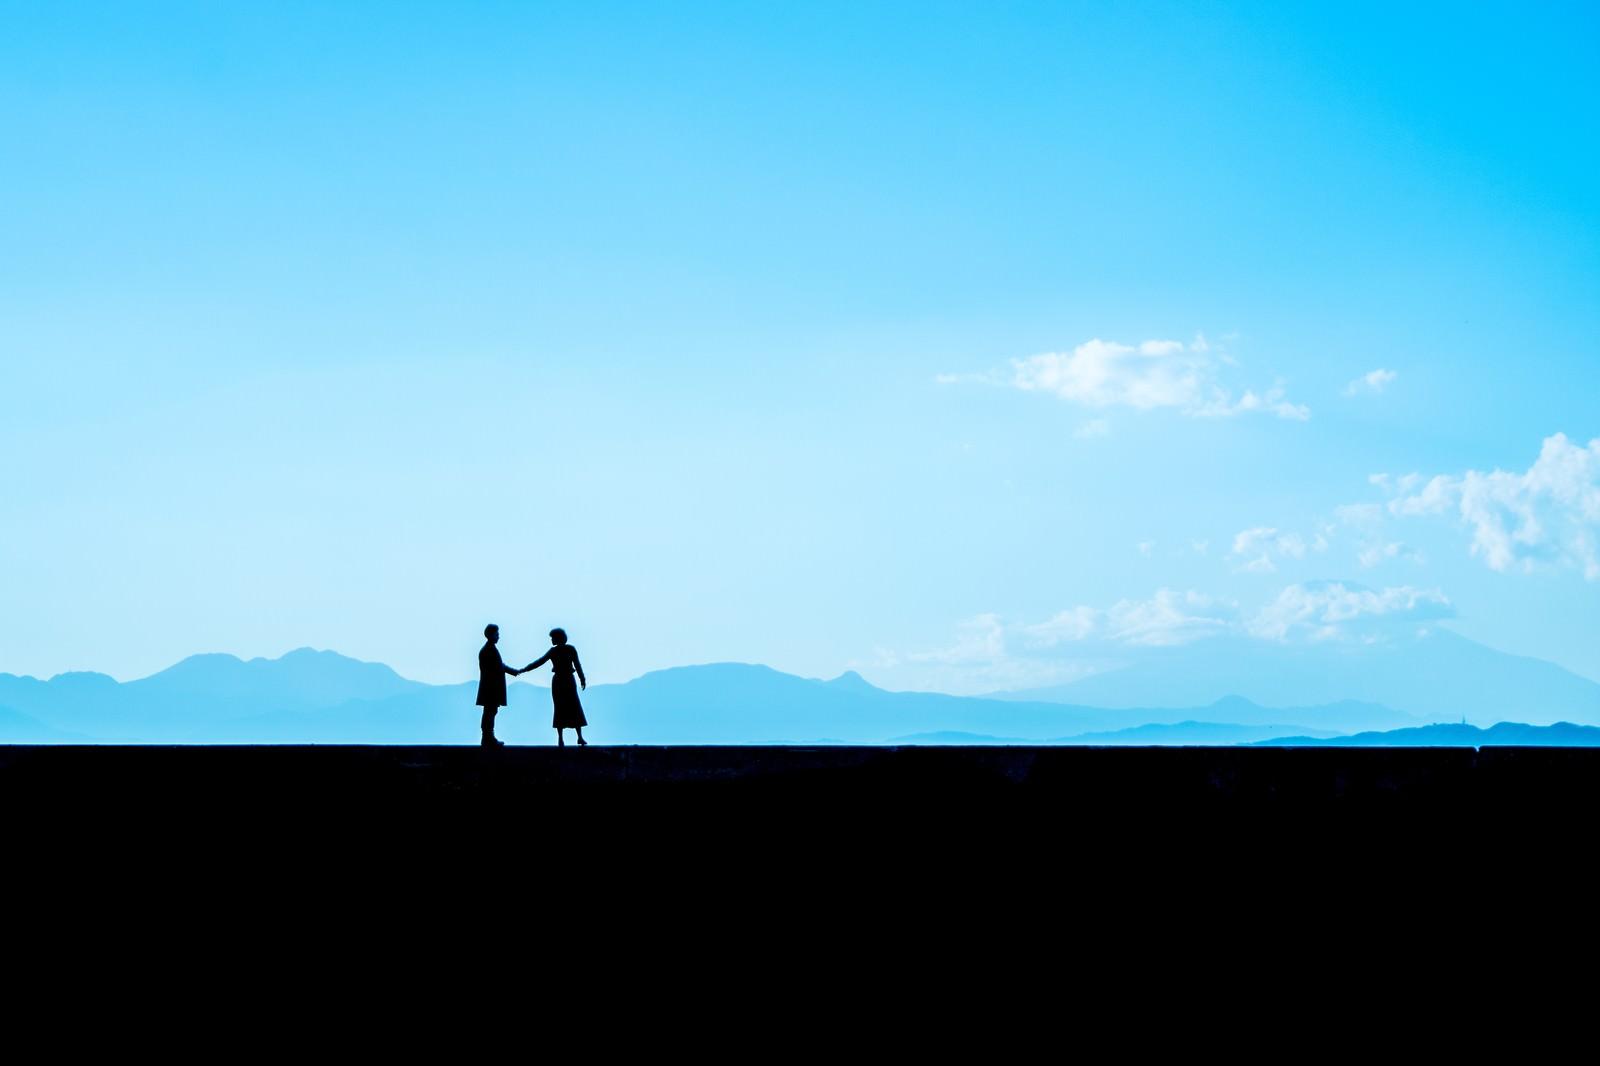 「別れを惜しむ二人シルエット」の写真